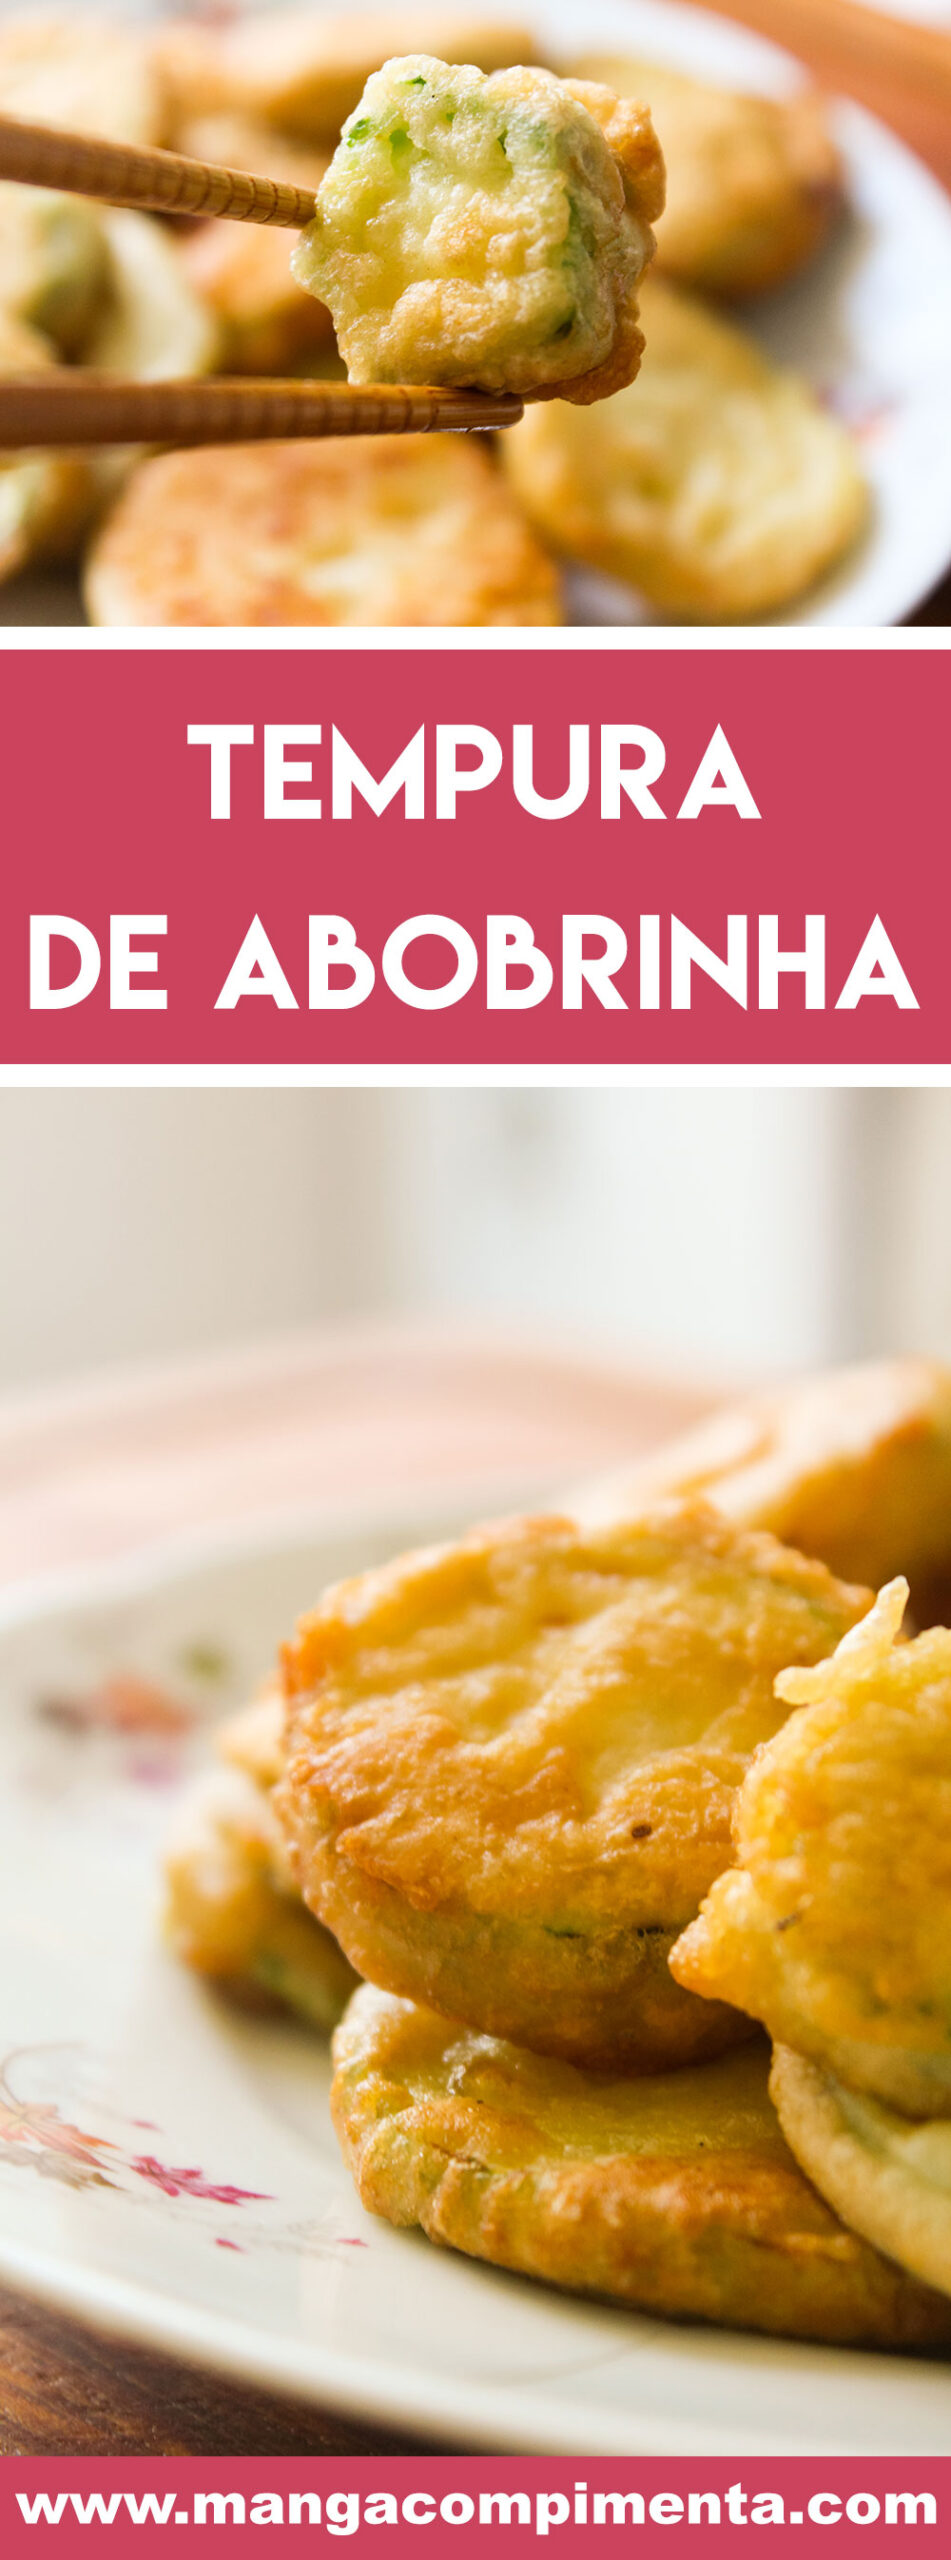 Receita de Tempurá de Abobrinha - mude o jeito de preparar aquela abobrinha italiana na hora do almoço ou jantar.